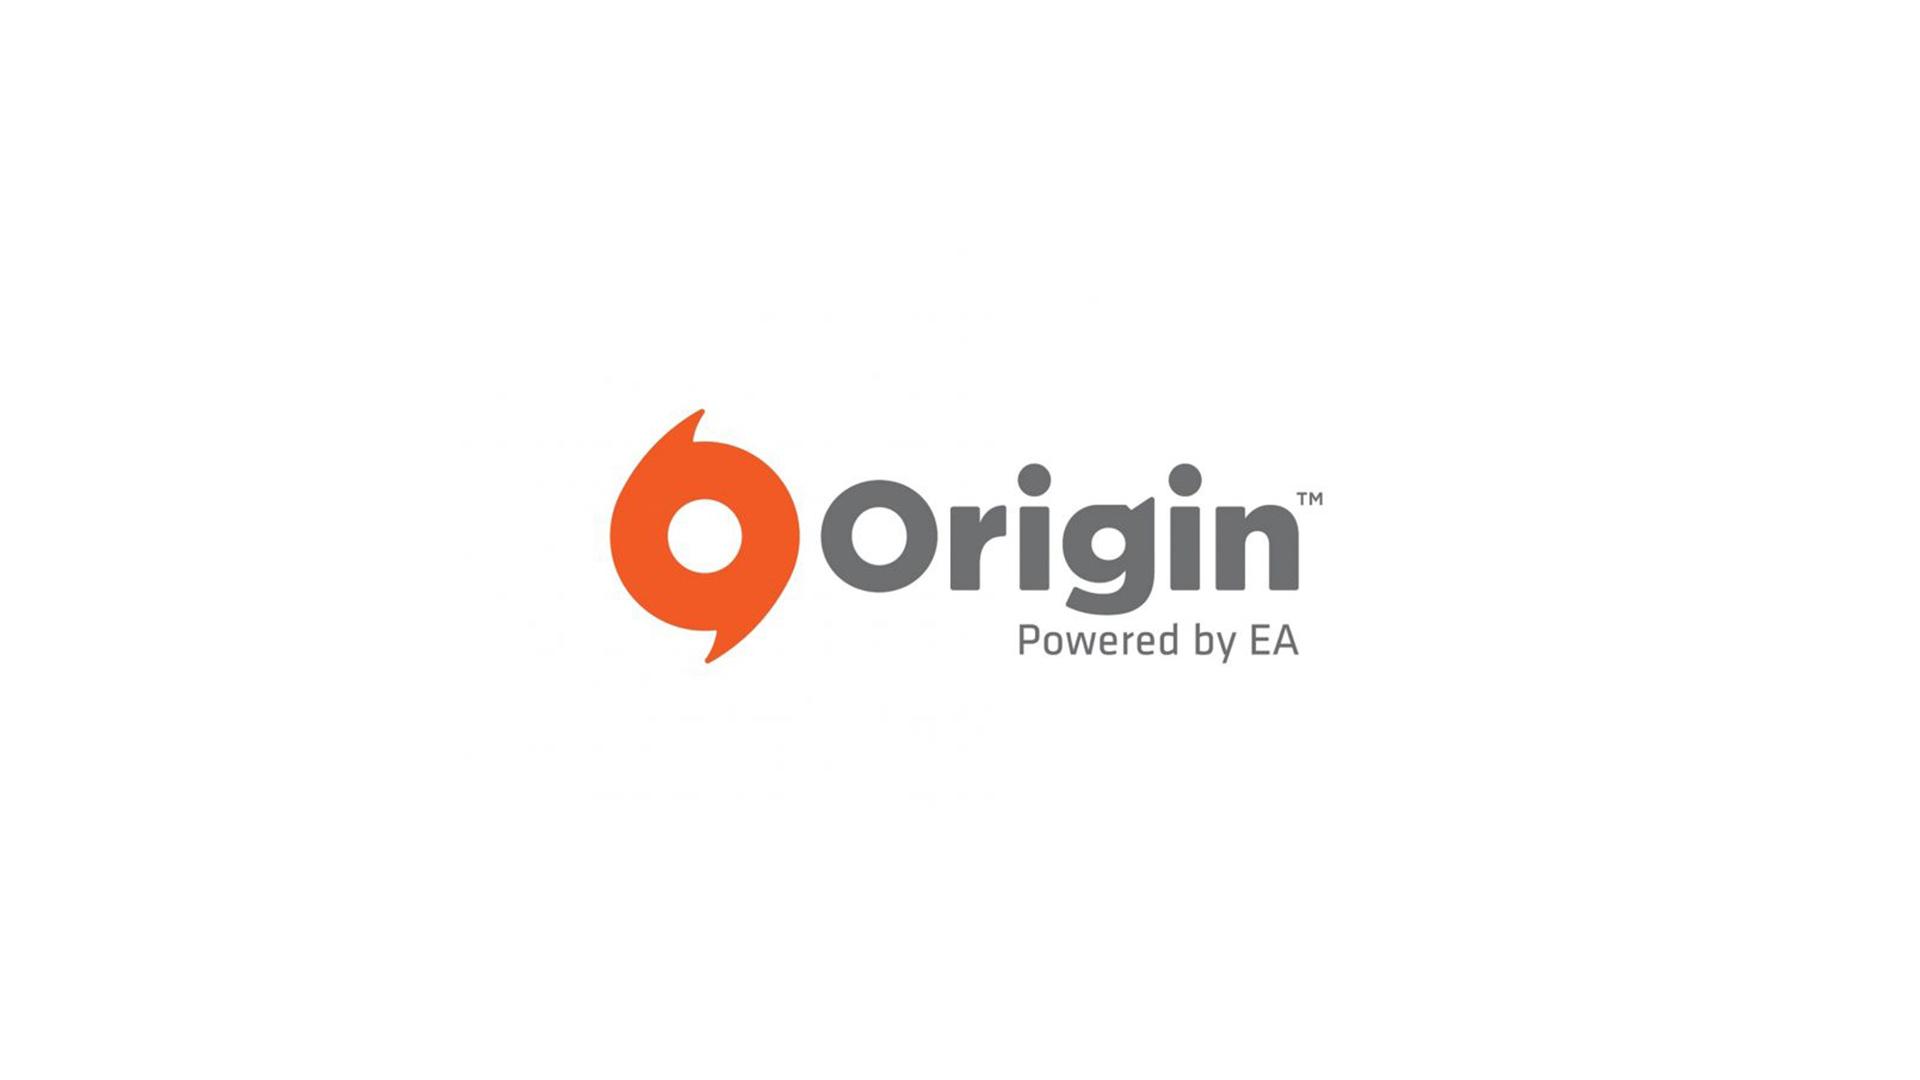 تحميل برنامج تشغيل العاب الفيفا origin 2021 مجانا